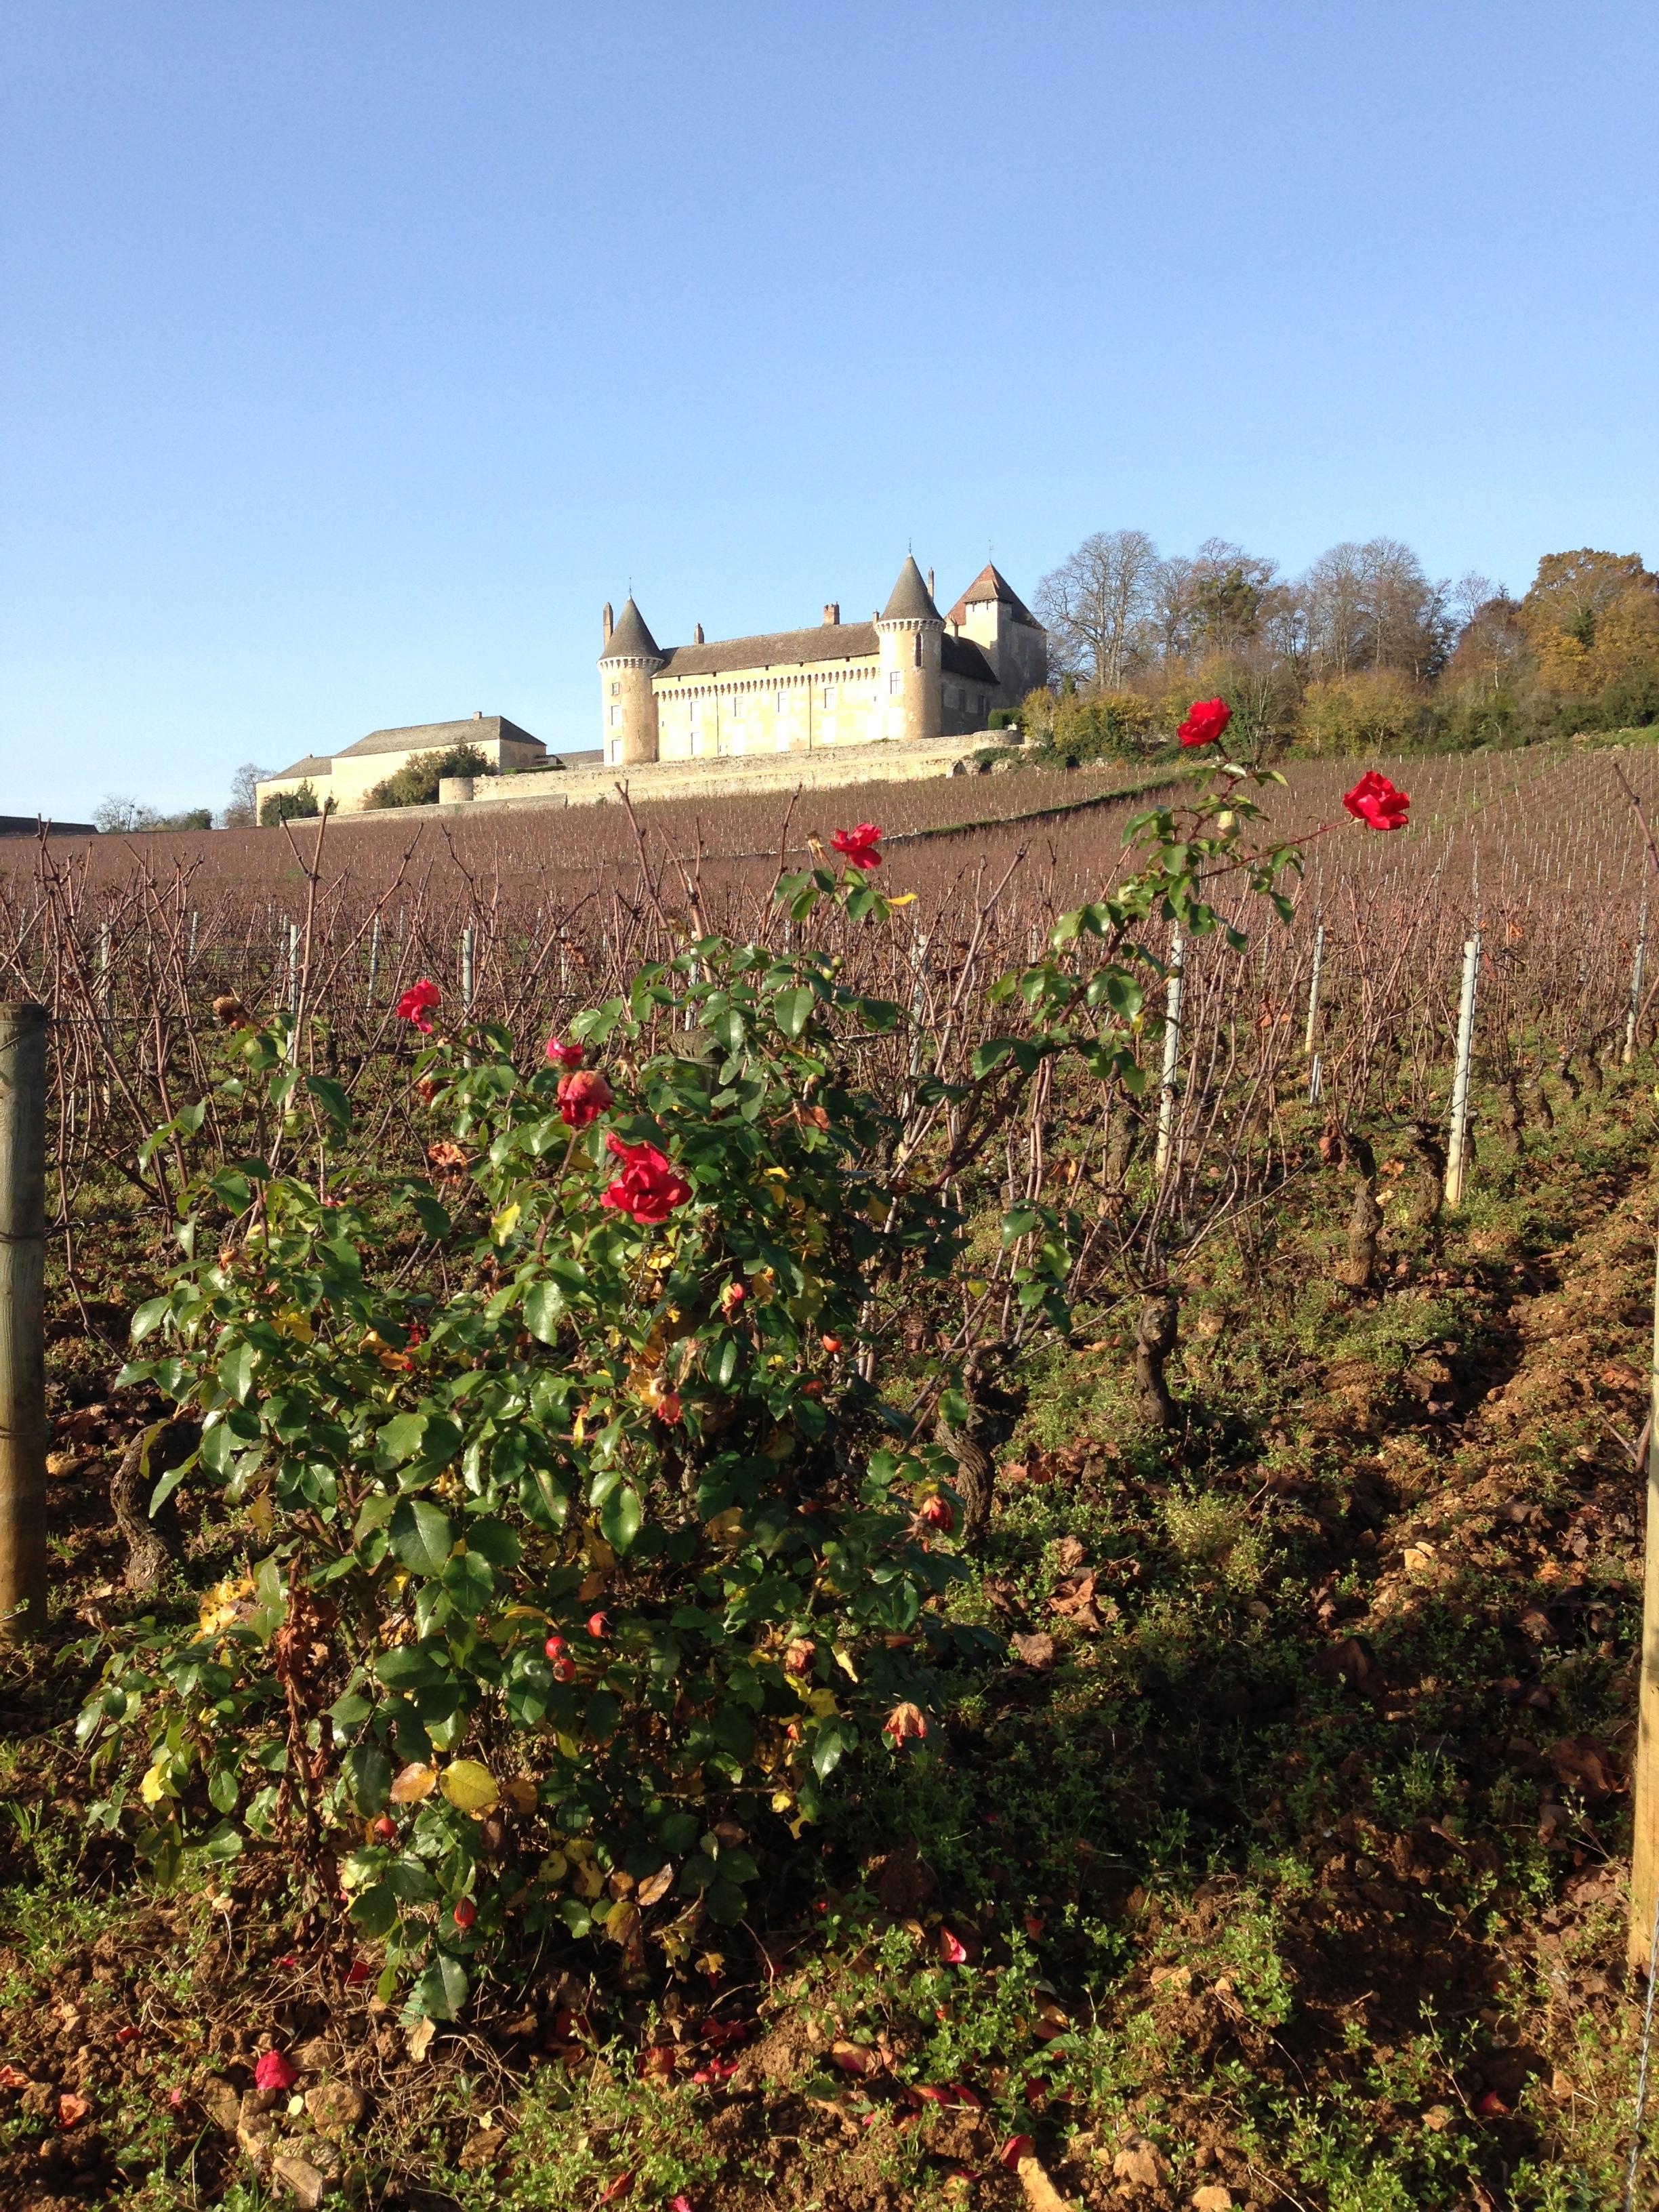 Burgundian vines in the autumn